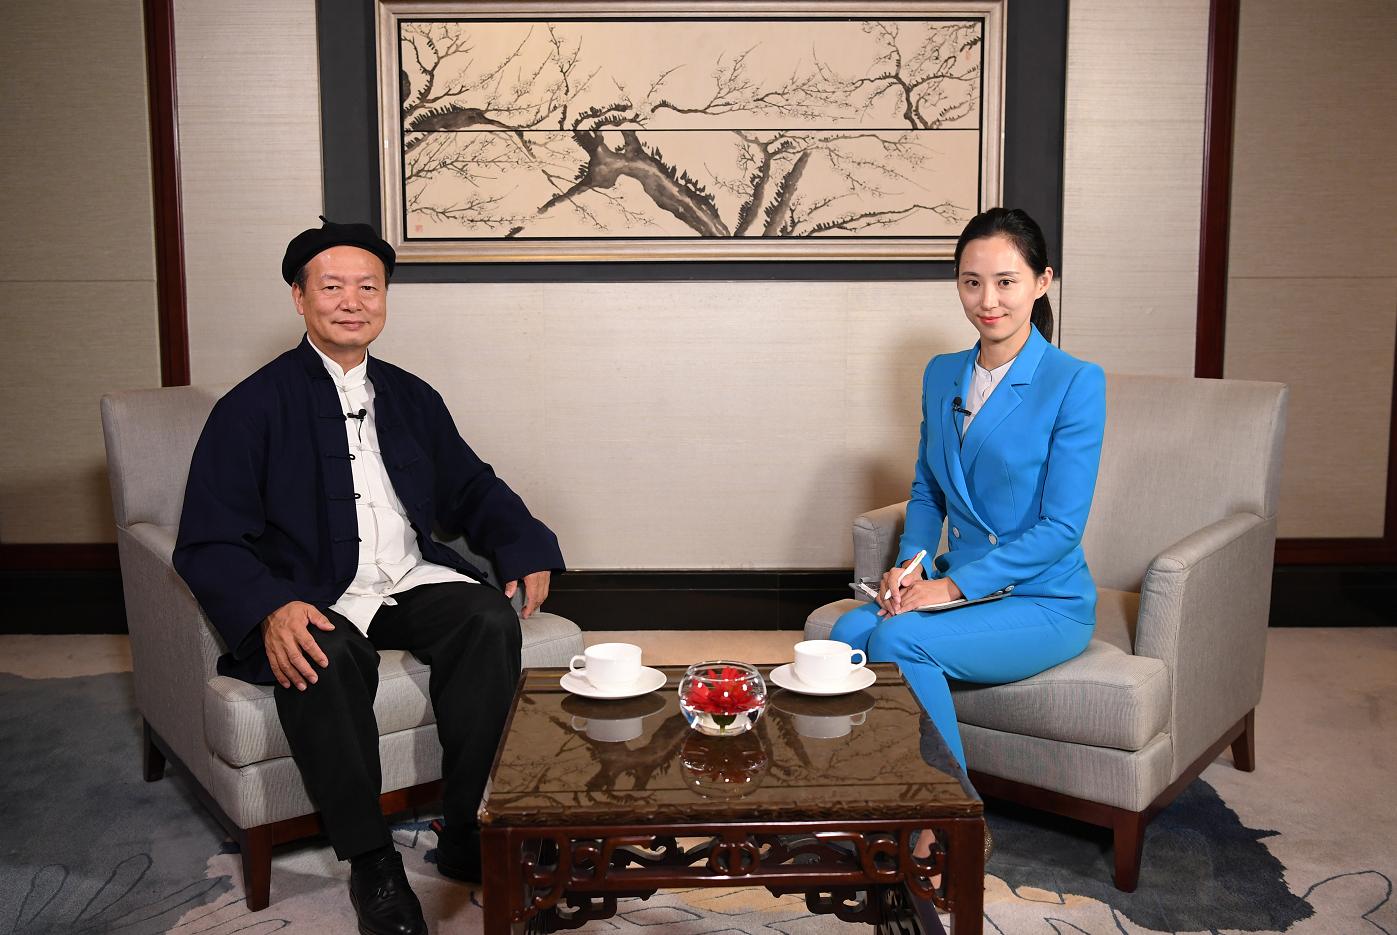 尼山论坛|对话林安梧:人人都能成为中国传统文化传播的使者